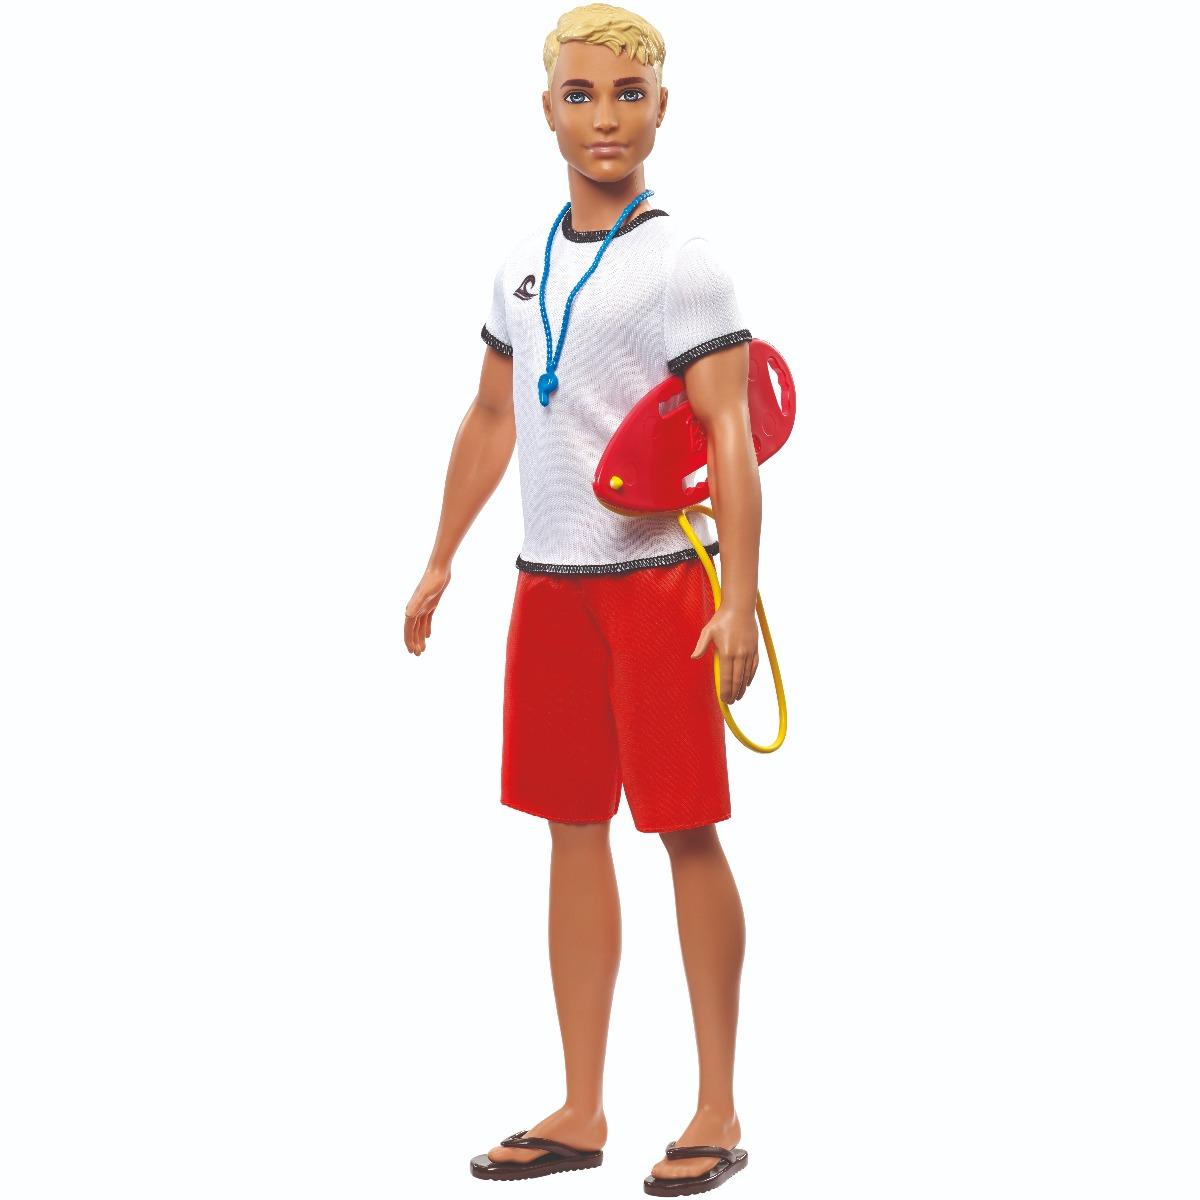 Papusa Barbie Career. Ken salvamar FXP04